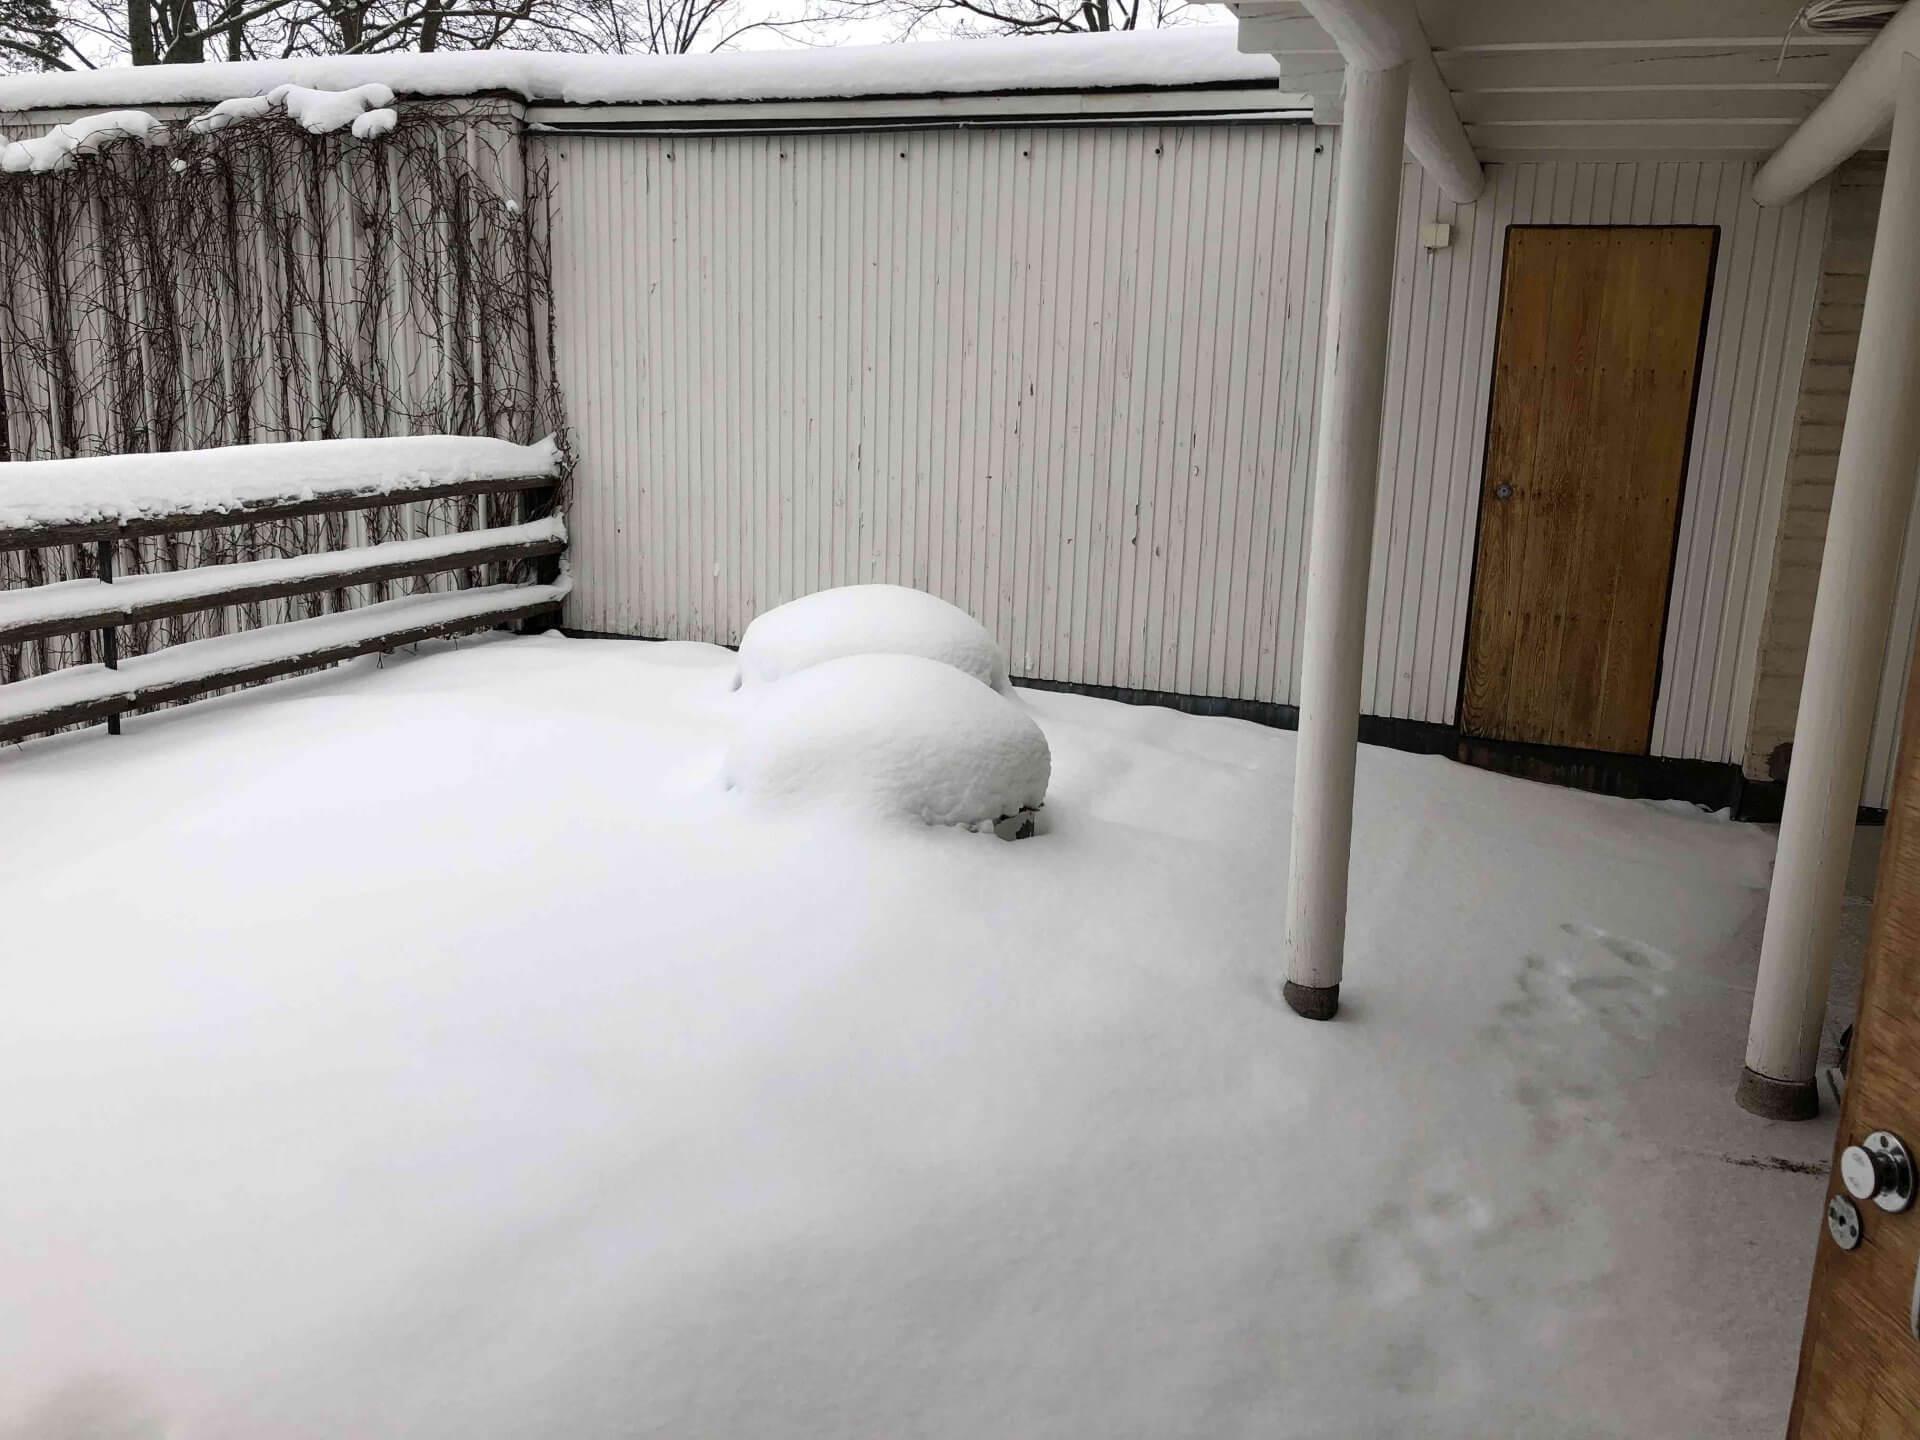 アアルト自邸のルーフテラス。雪に覆われていたので外には出られなかった